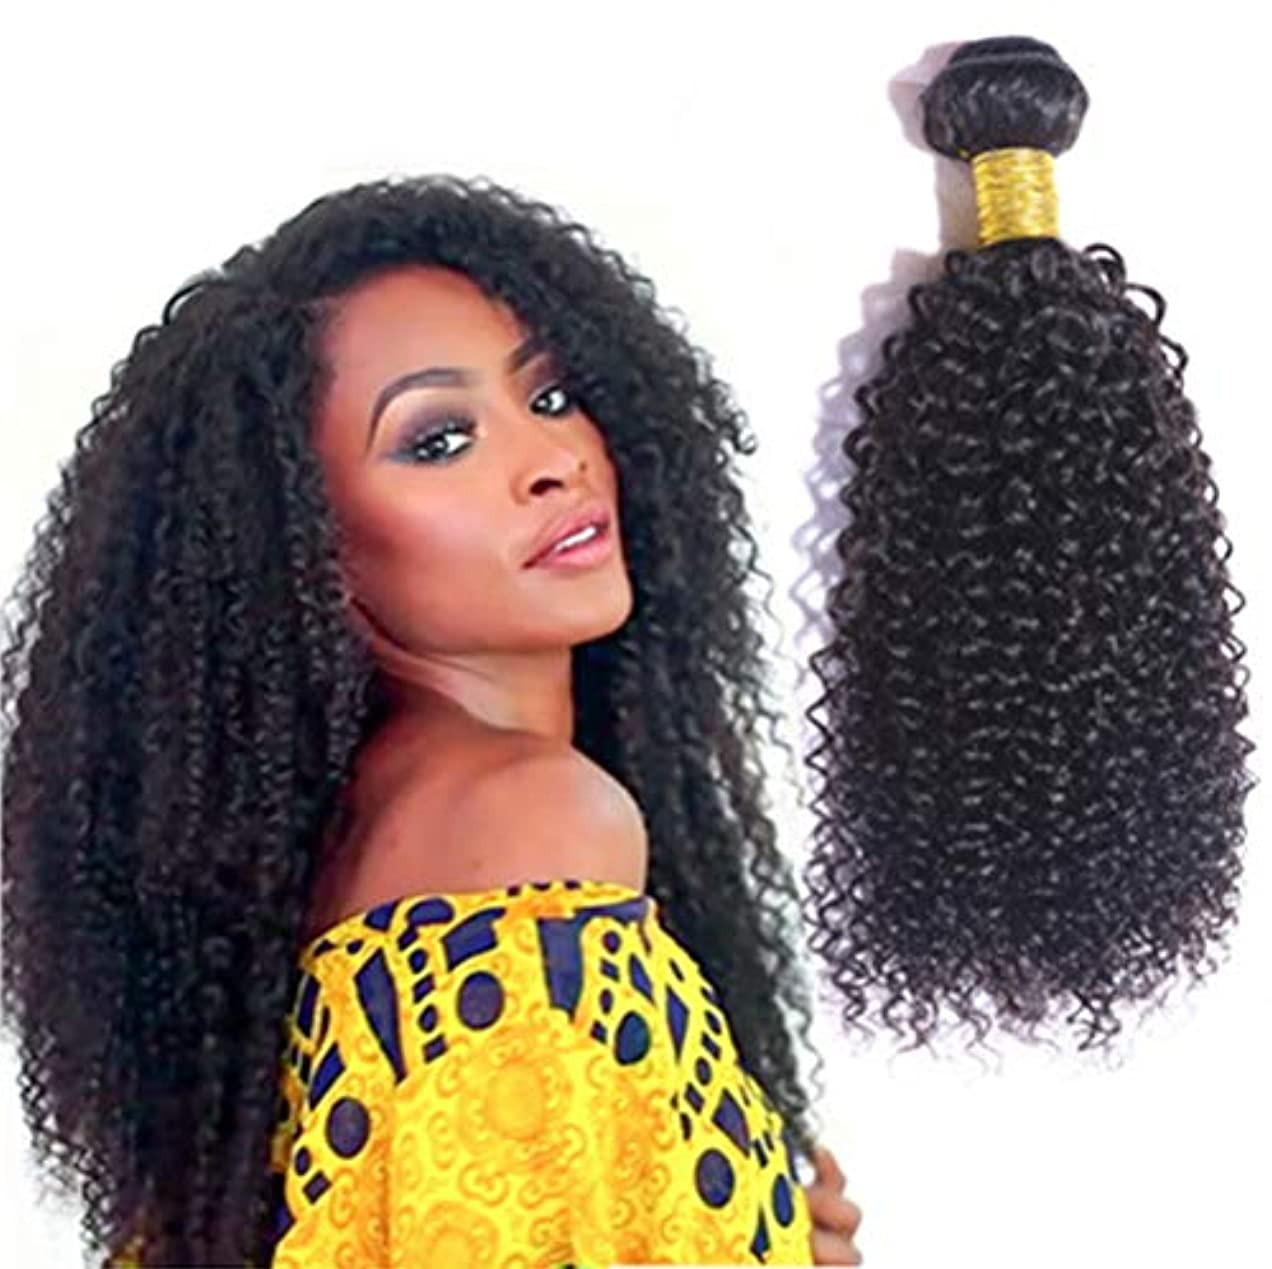 めまいゴミ住人女性ブラジル水波ヘアバンドル100%未処理のバージンレミー人間の毛髪延長3バンドル変態カーリーヘア織り